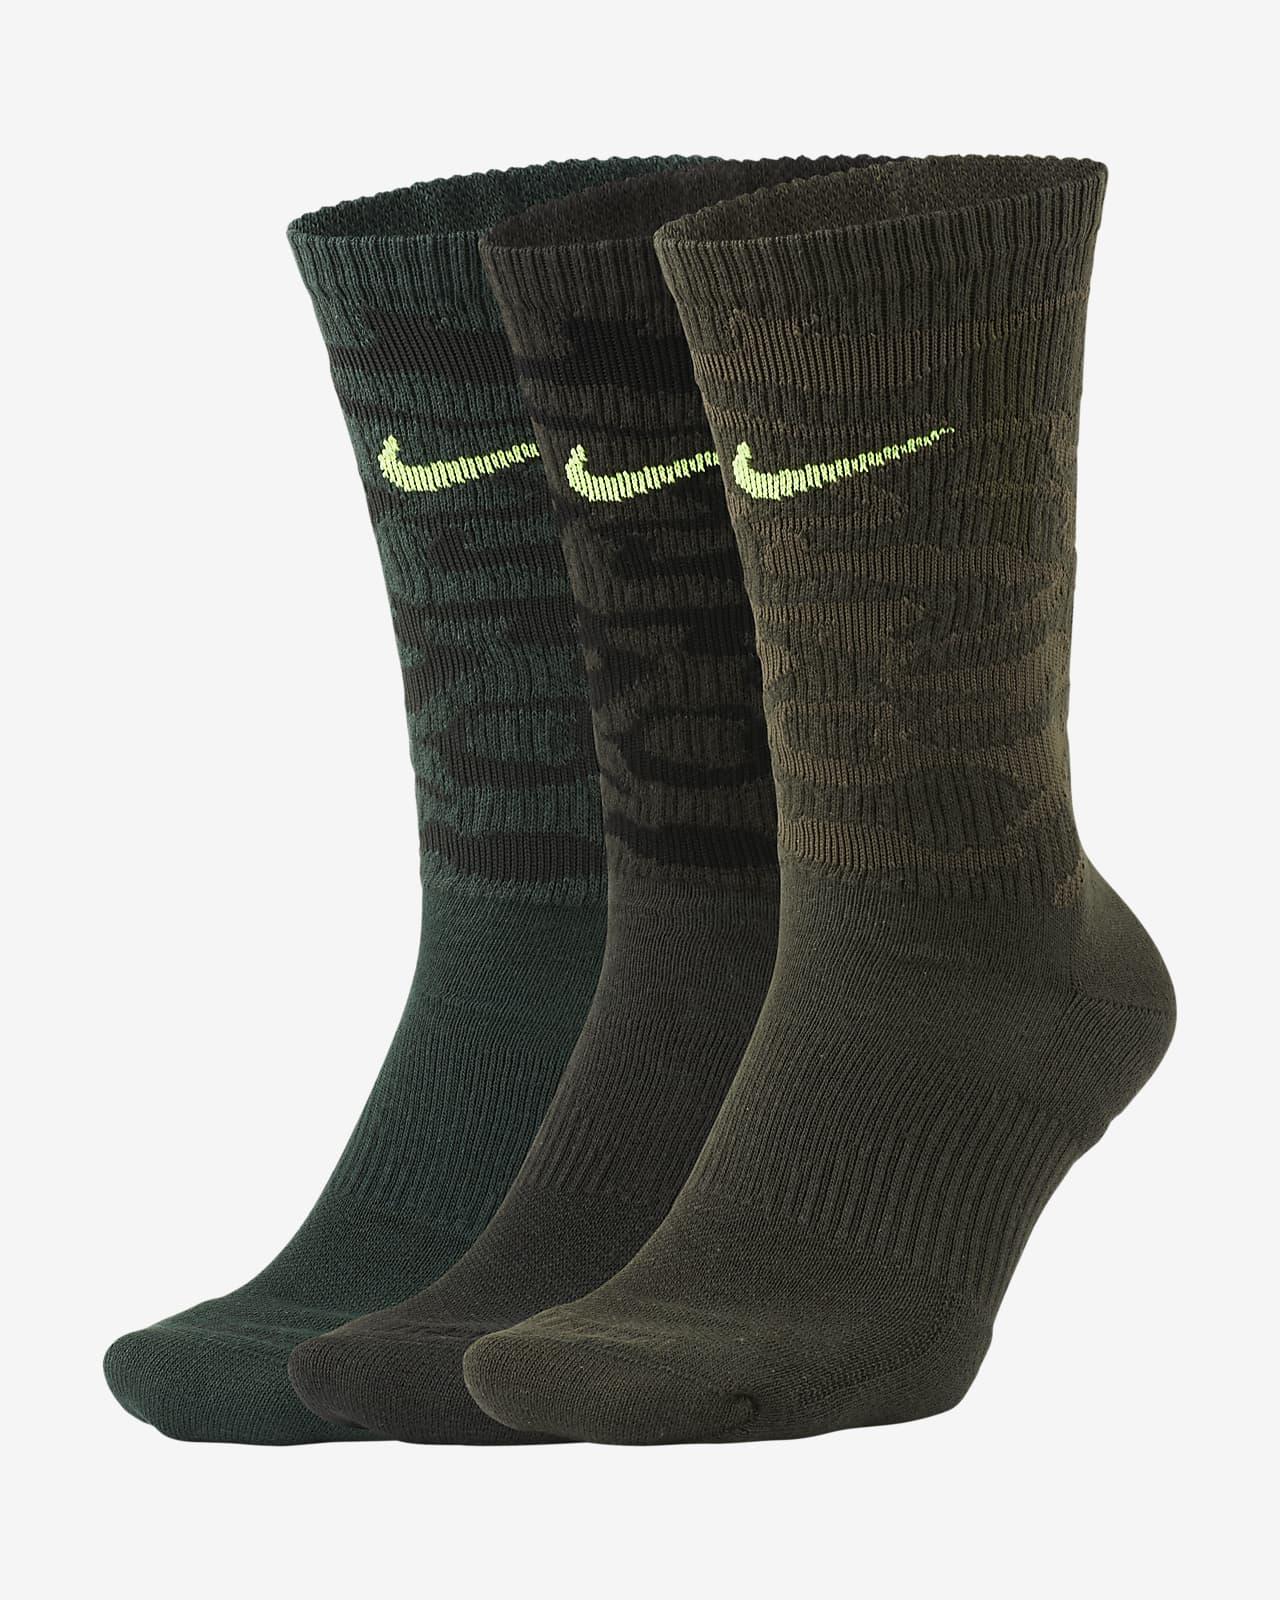 Nike Everyday Plus Cushioned Crew Antrenman Çorapları (3 Çift)